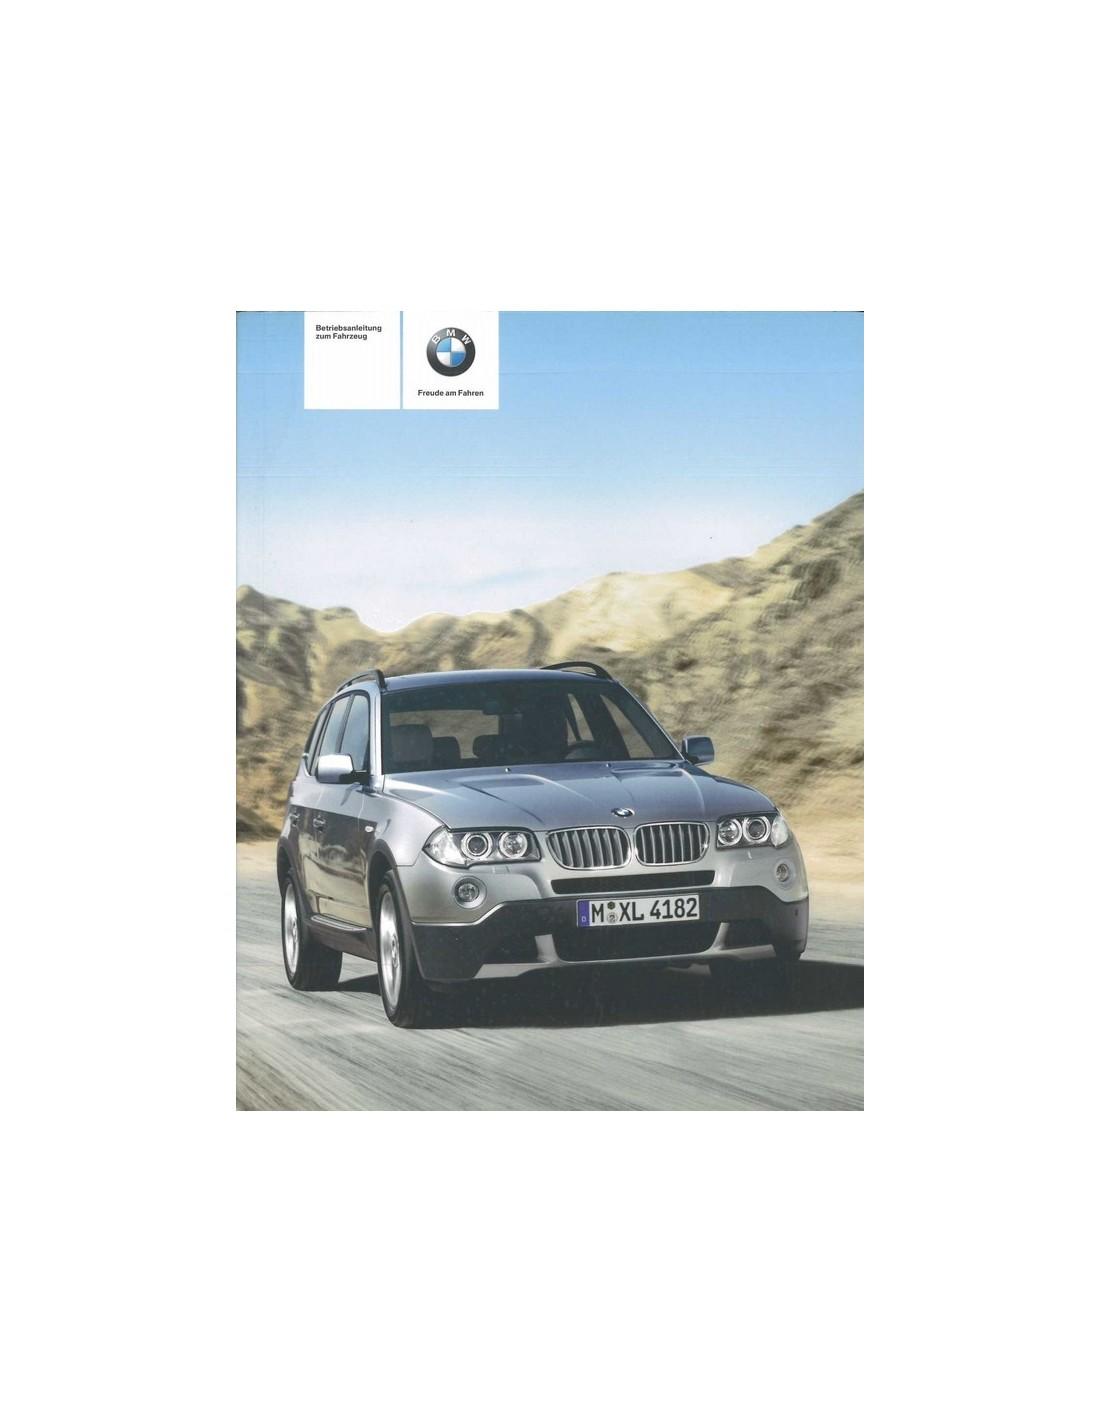 2008 bmw x3 owner s manual german rh autolit eu bmw x3 2006 car manual 2008 BMW X3